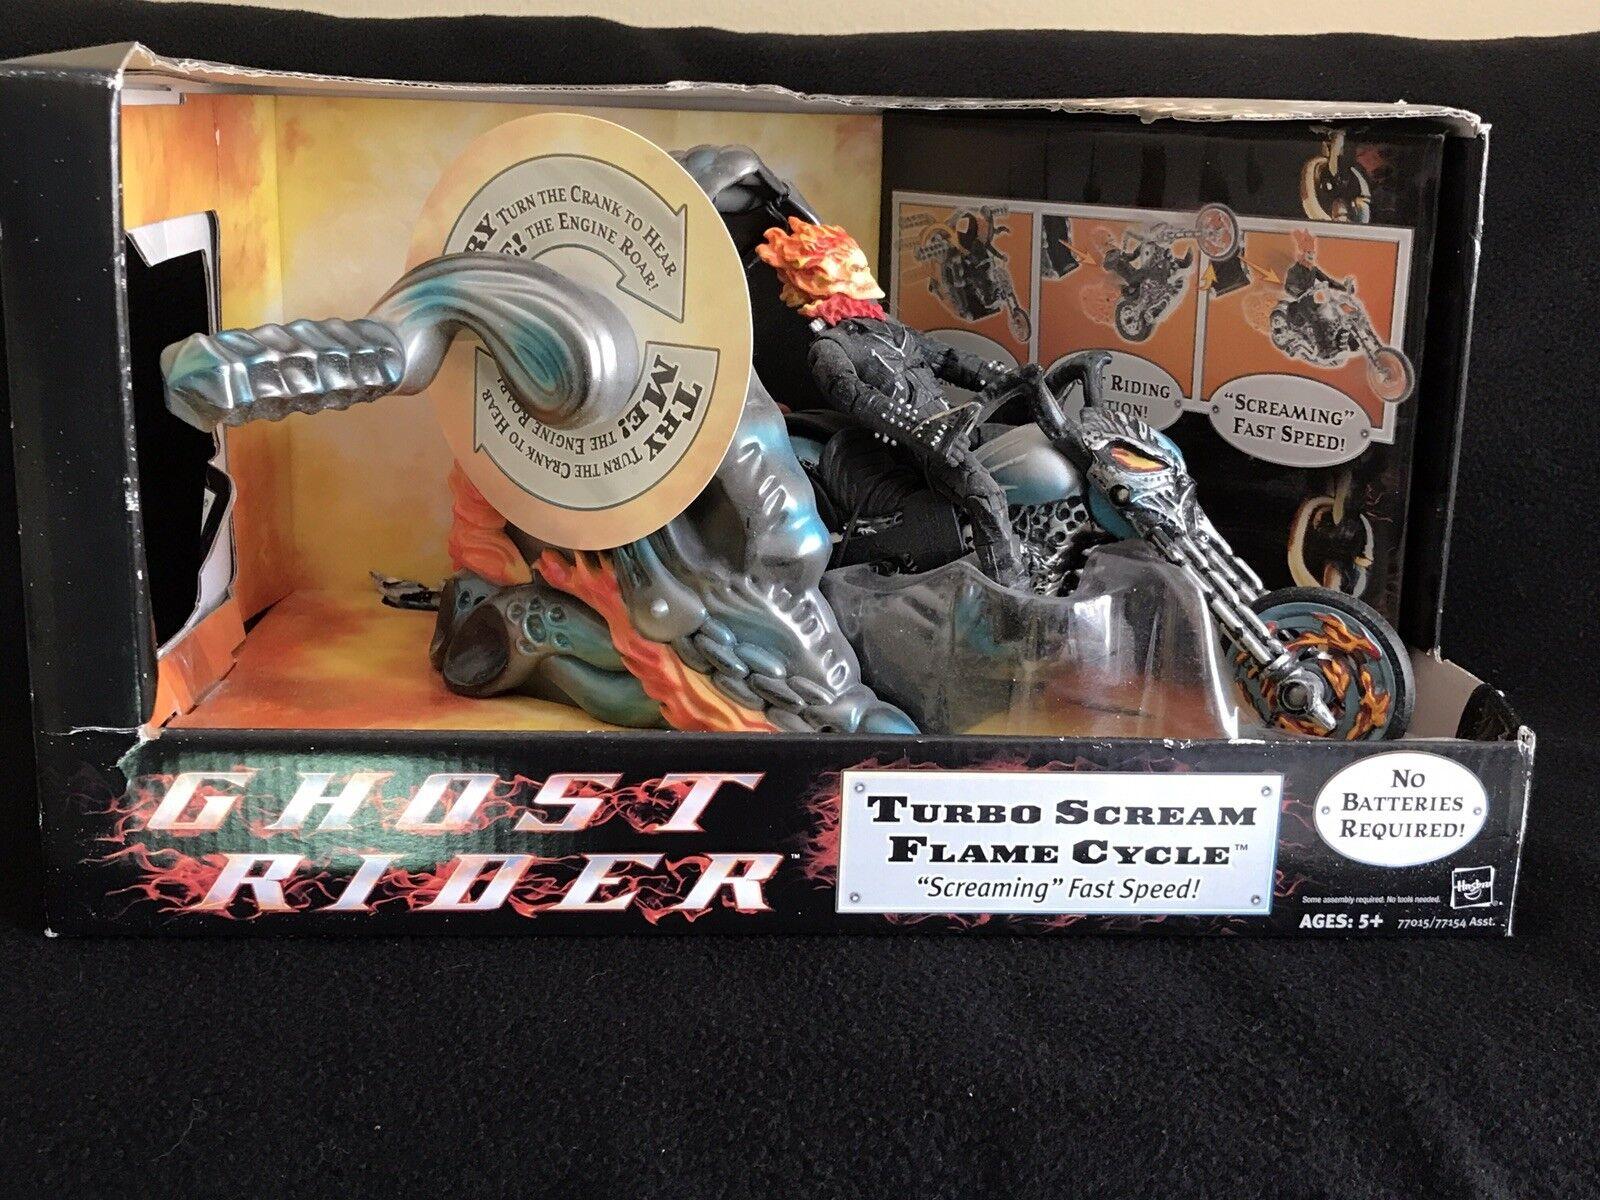 Ghost rider turbo.schreien.flamme zyklus w   marvel - legenden abbildung